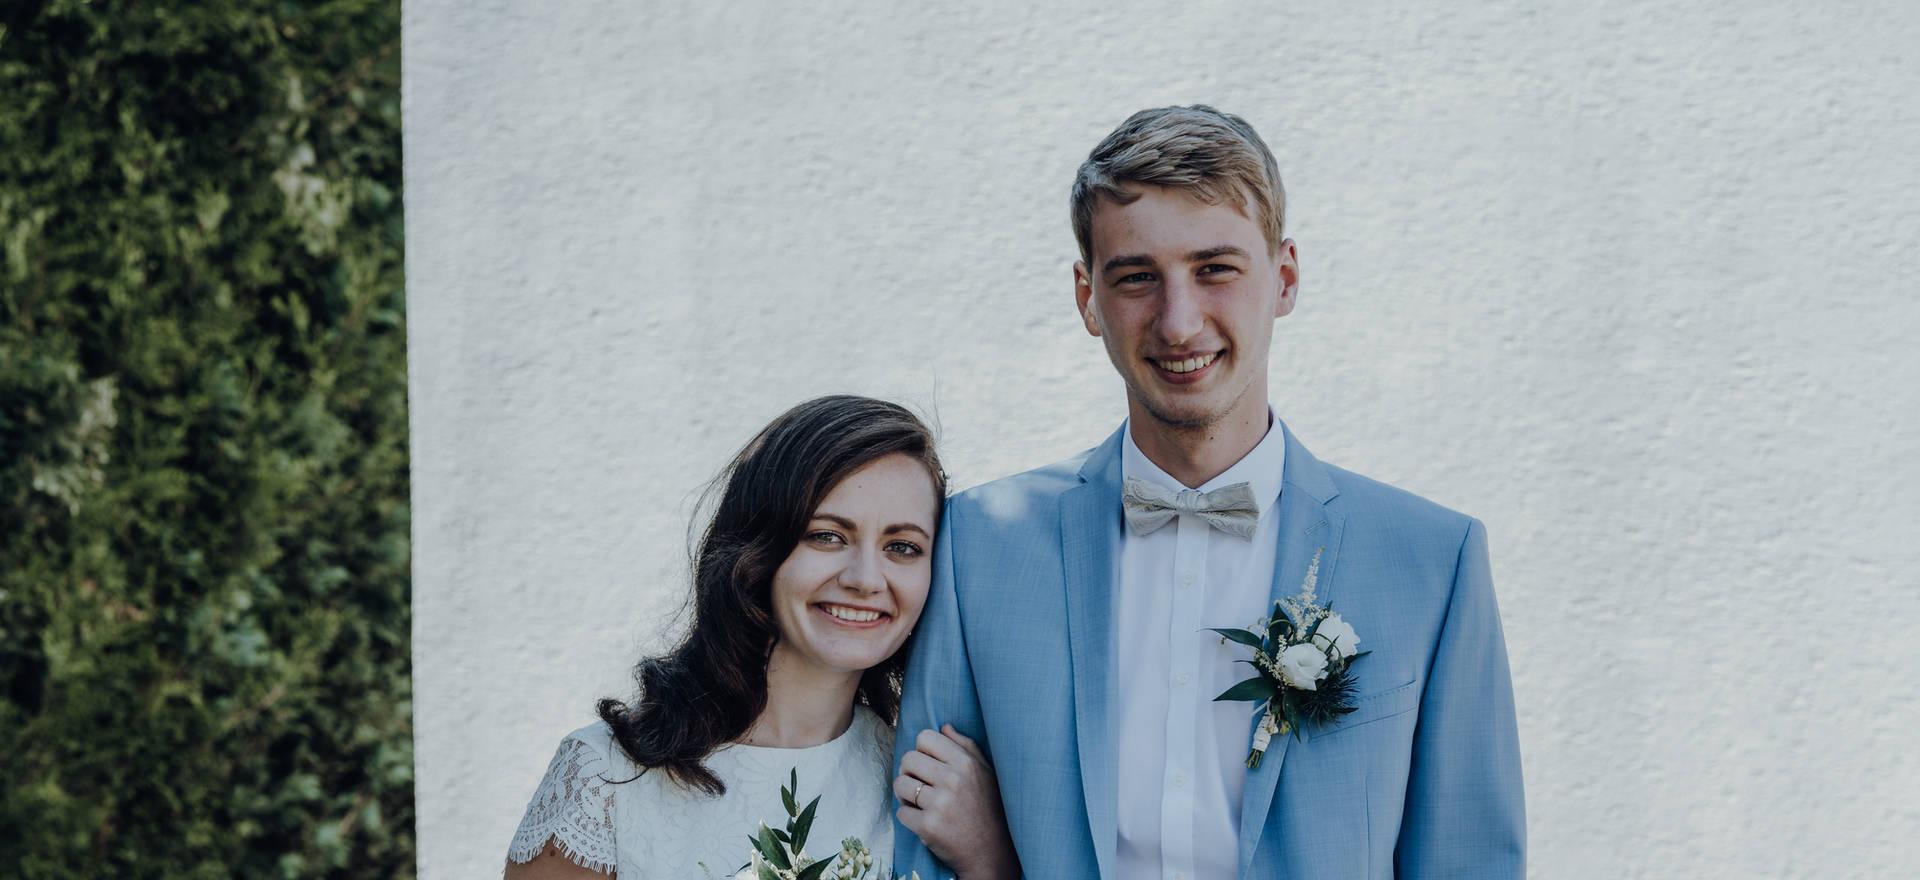 Daniel & Karina